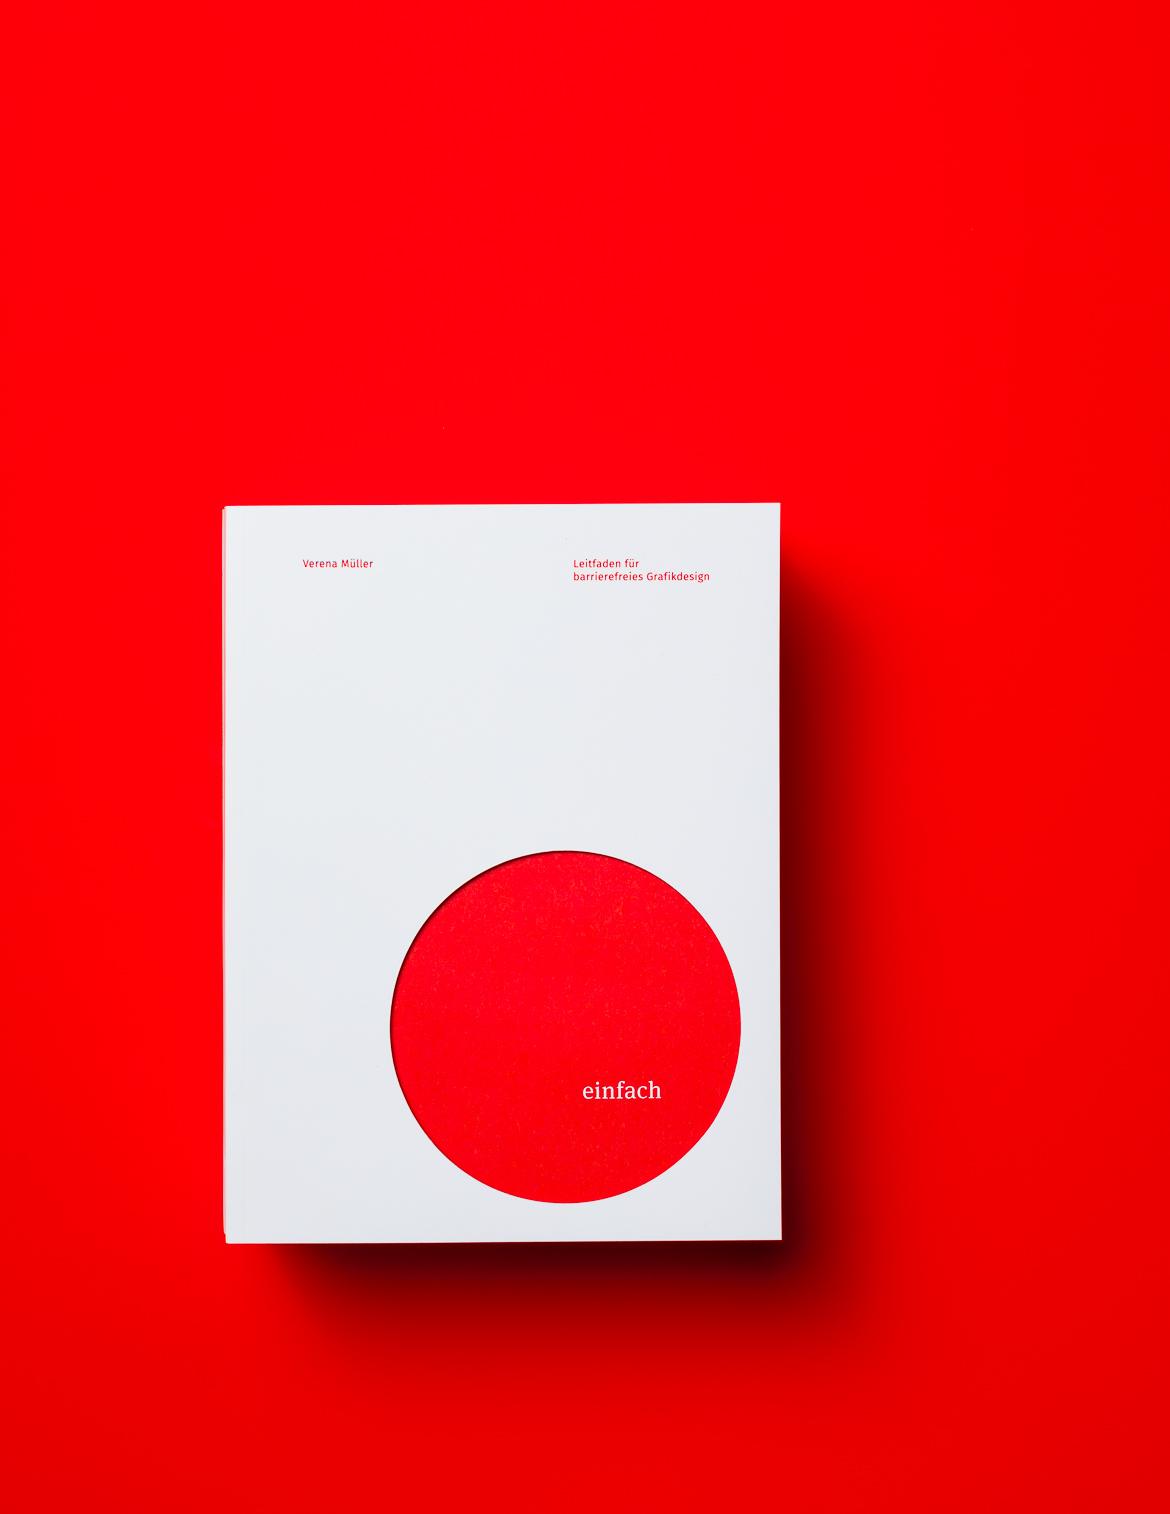 Kurt Remling Produktfotografie Einfach Vena Mueller (3)